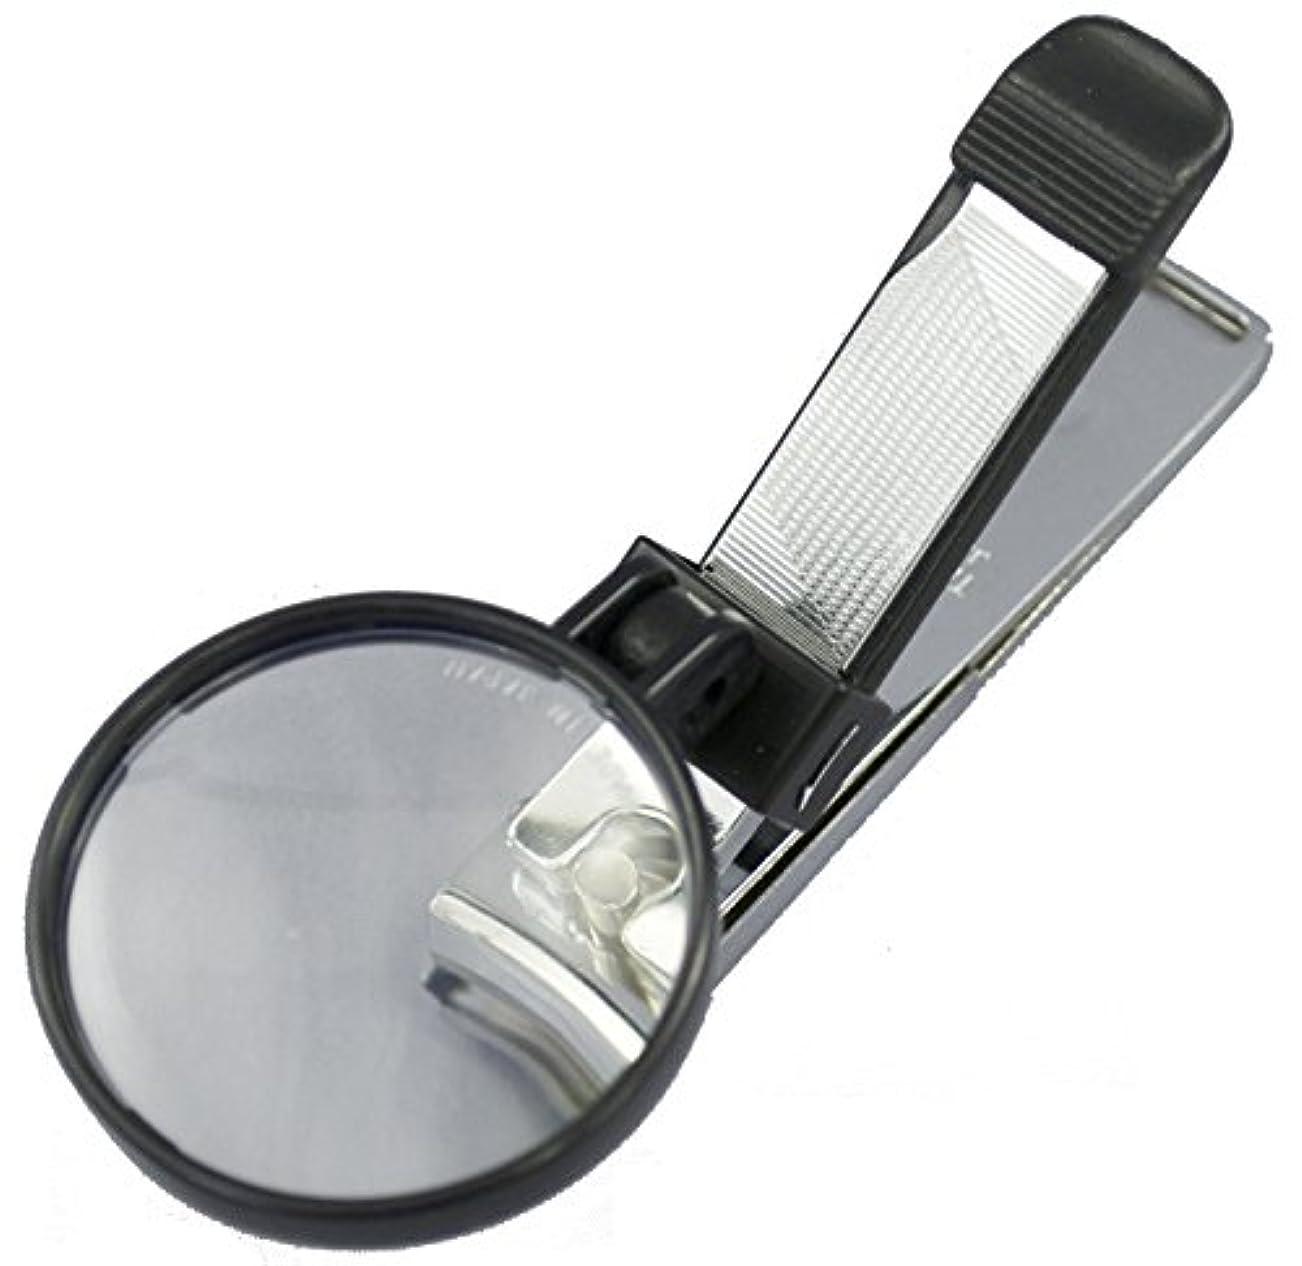 ファンブル正確さありふれた日本製 拡大レンズ付 爪切り 足爪くん mir 1500L